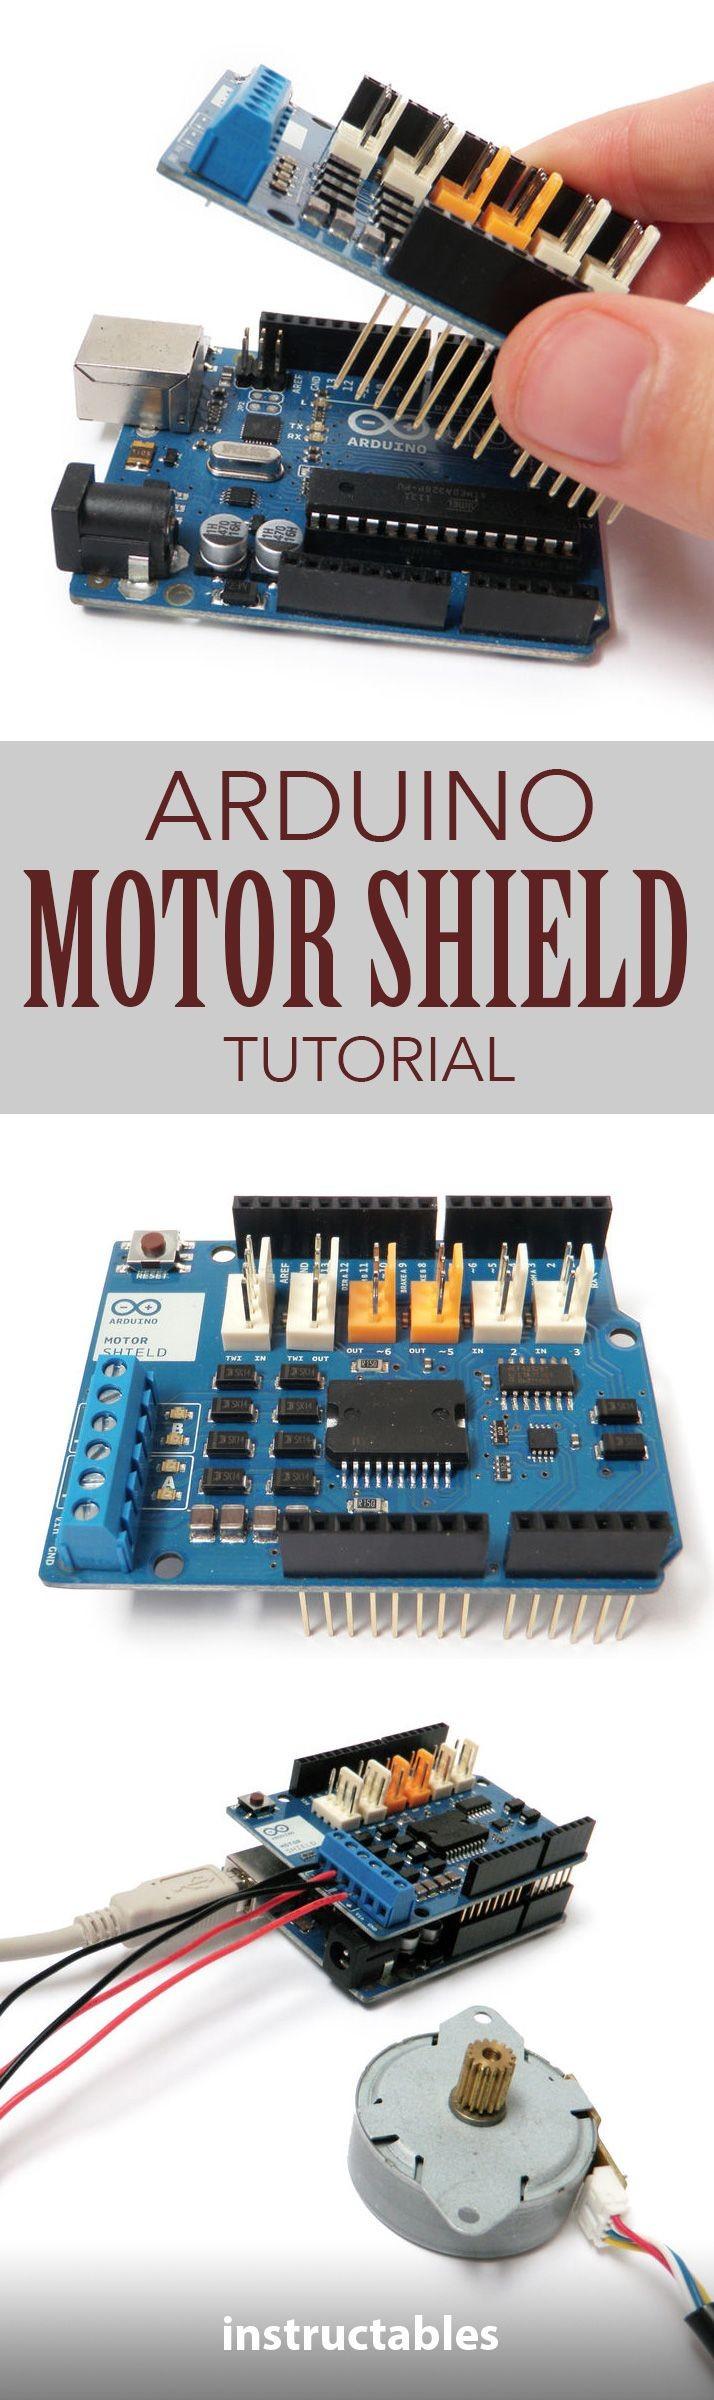 Arduino Motor Shield Tutorial